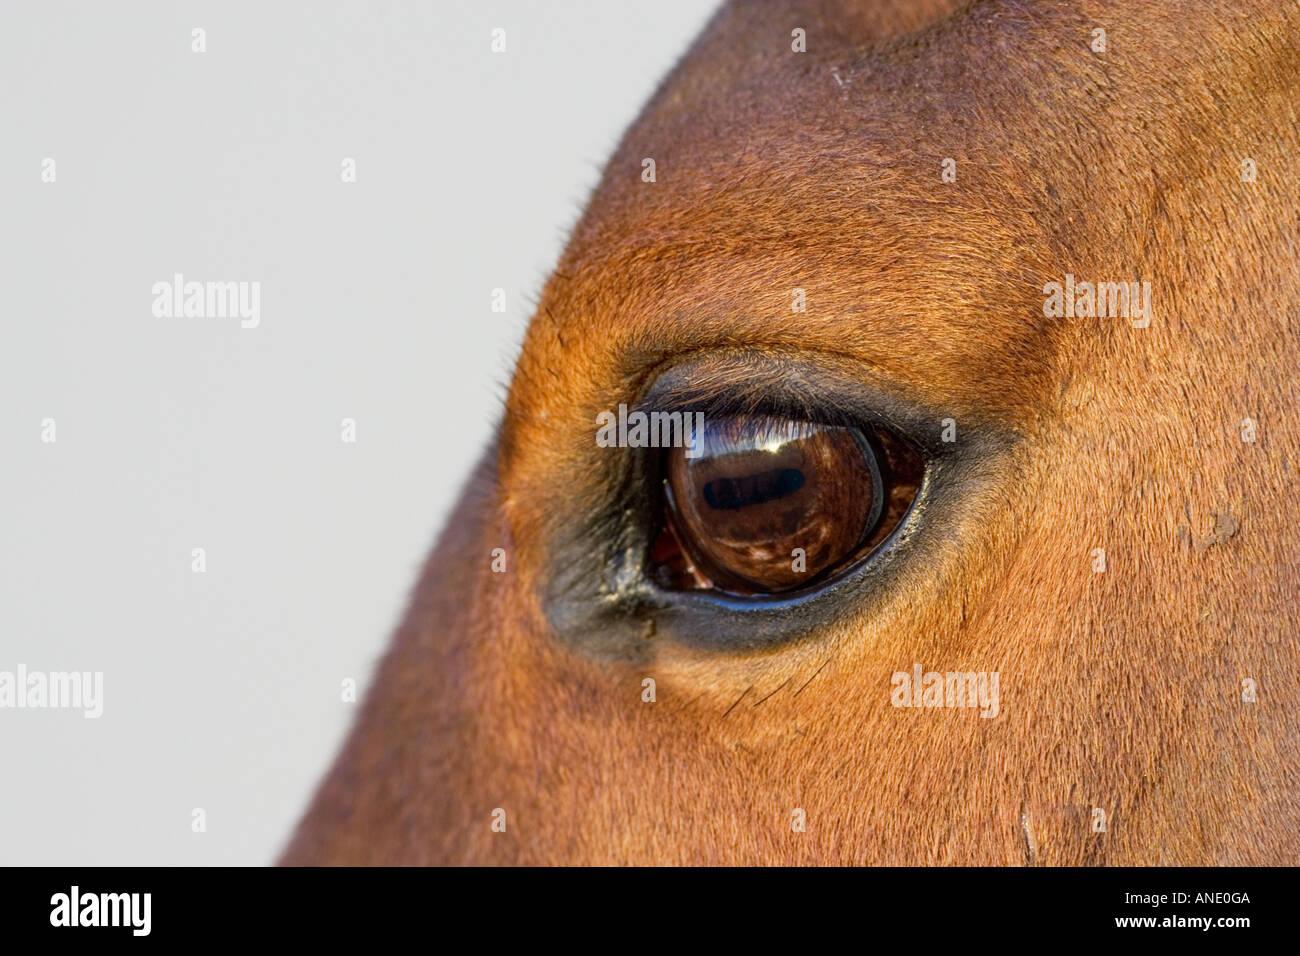 Cleveland Bay Cross Thoroughbred horse Oxfordshire United Kingdom - Stock Image